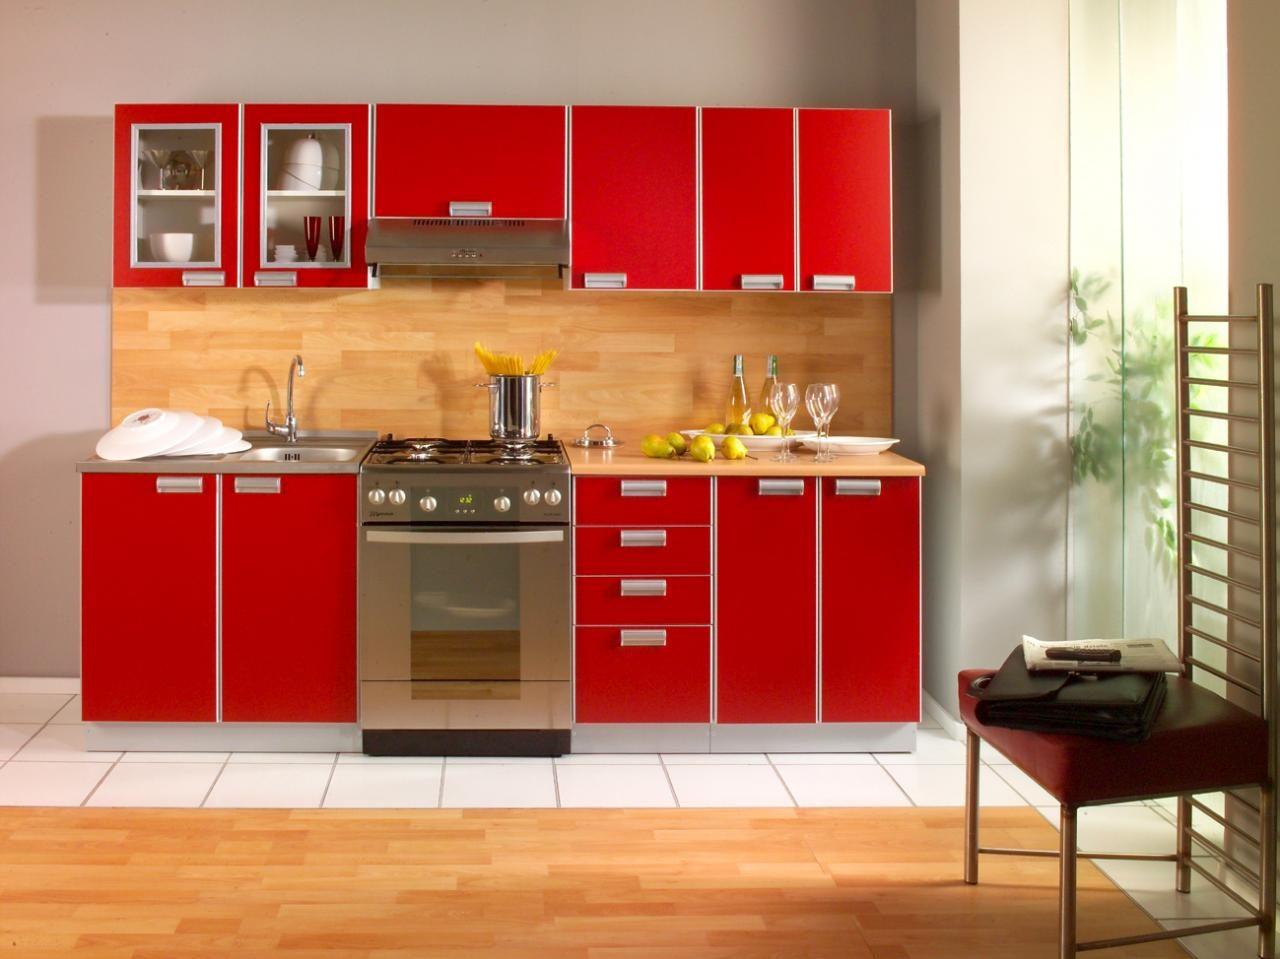 Colores modernos para cocinas - Colores para cocina ...